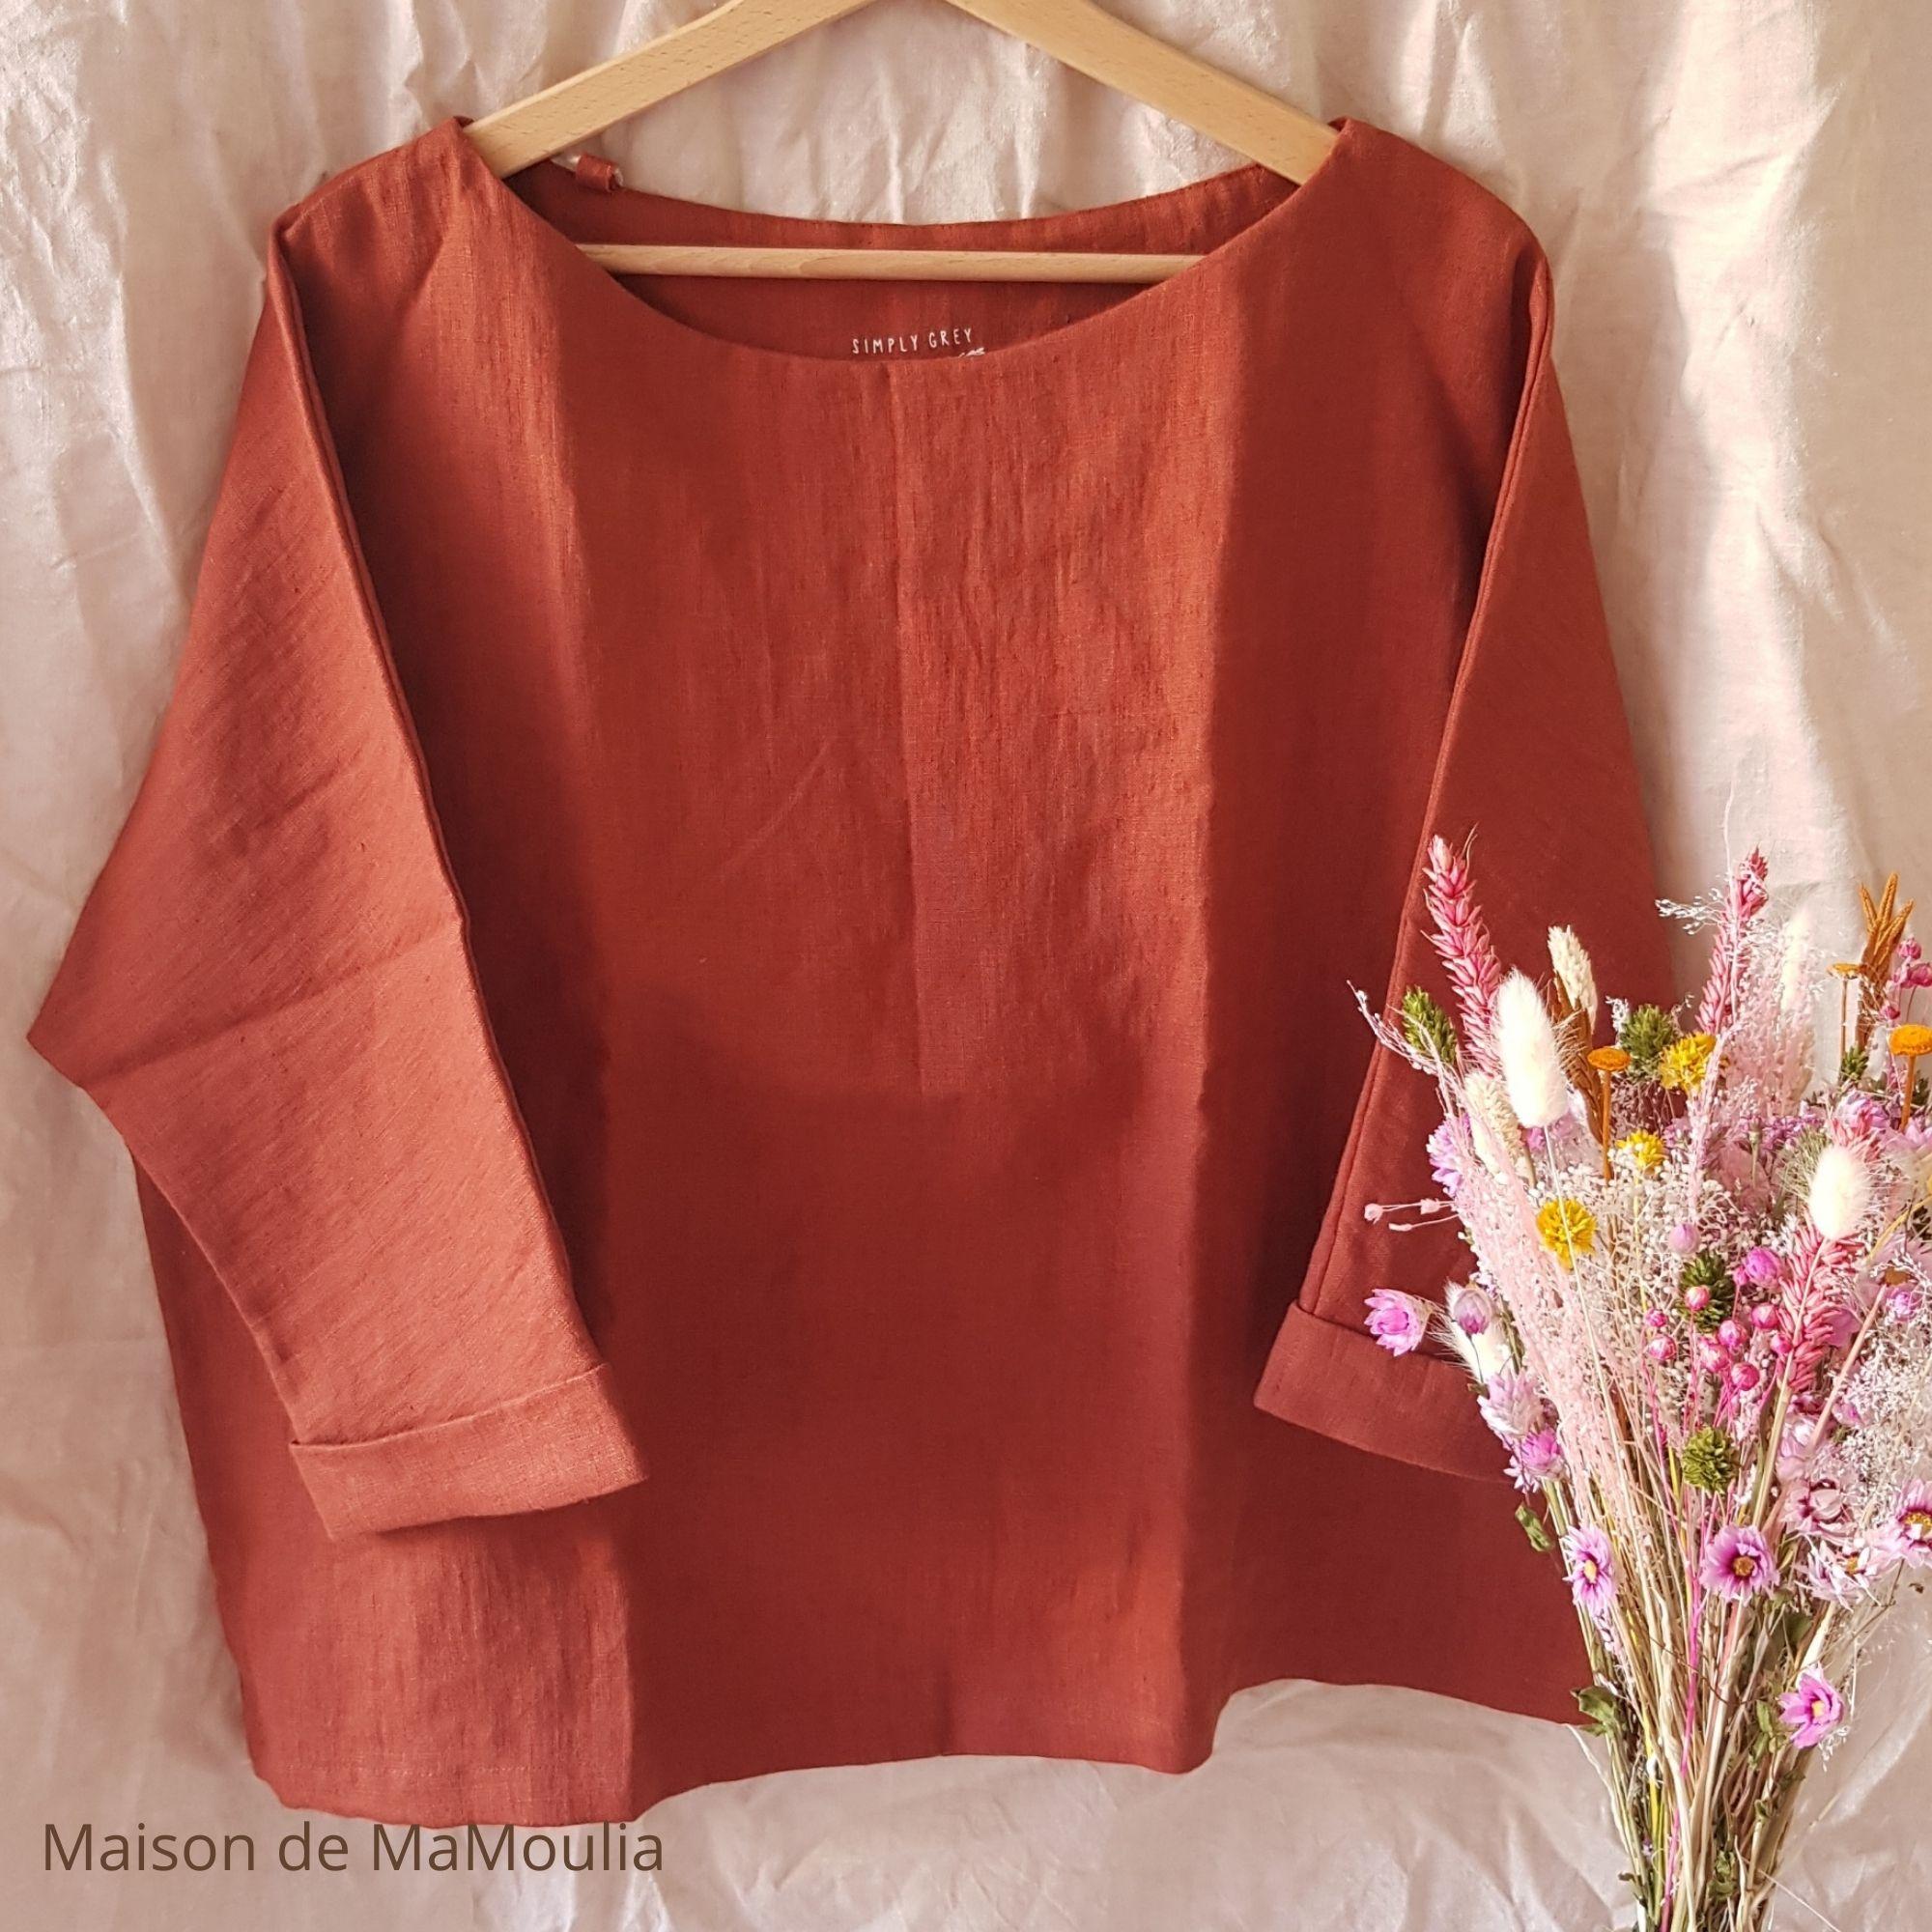 SIMPLY GREY - Blouse oversize - Manches 3/4 - pour femme - 100% lin lavé - Rouge brique